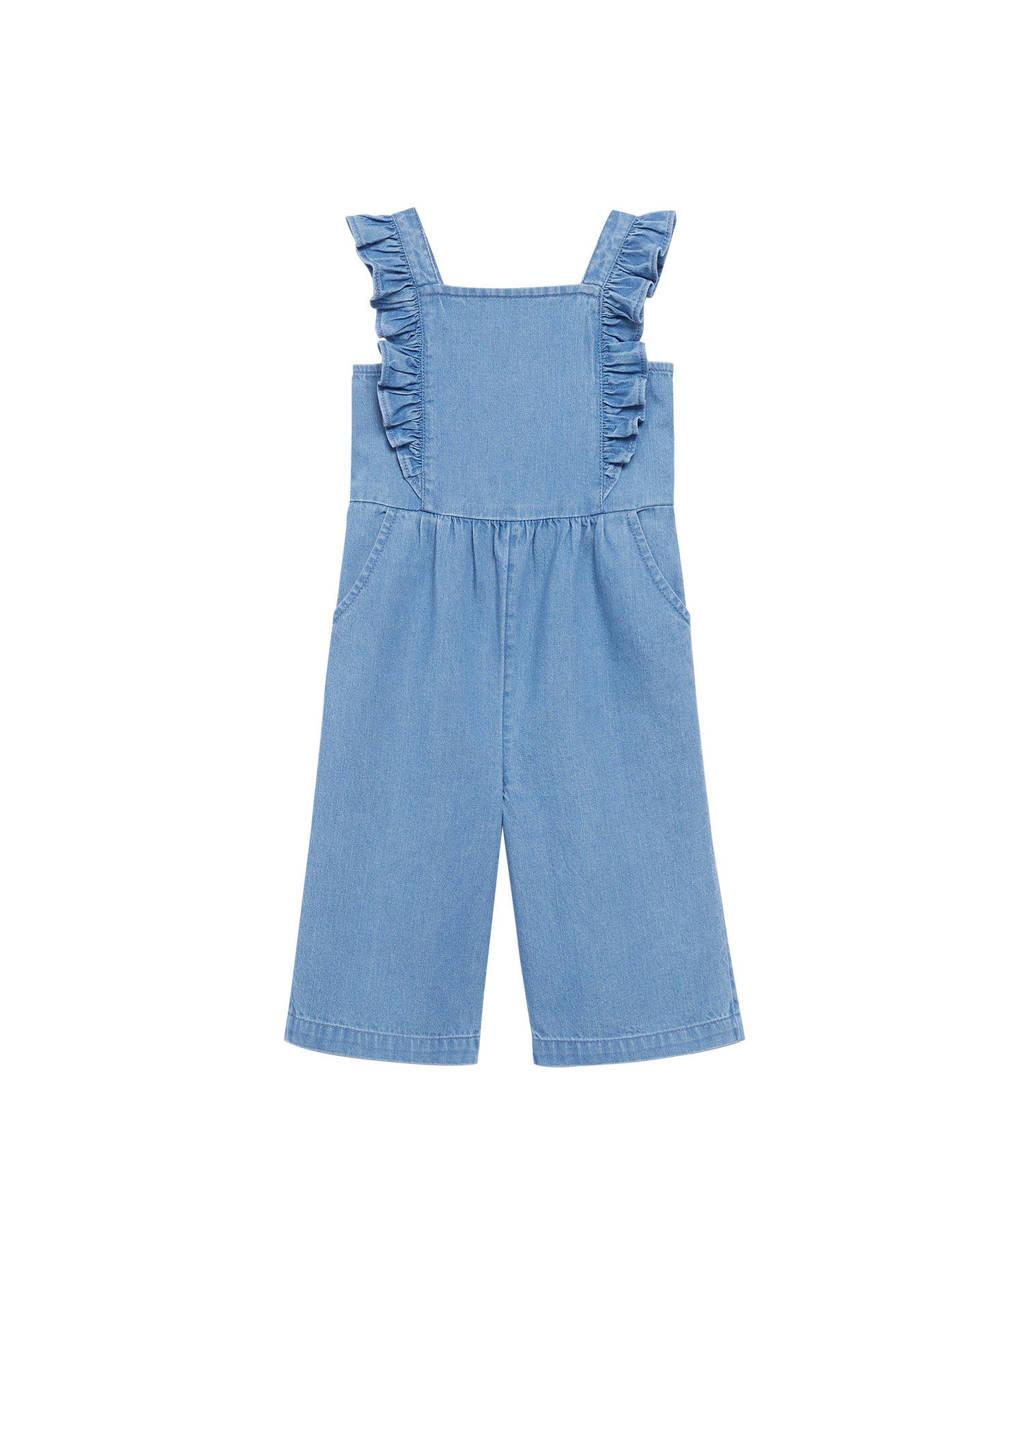 Mango Kids regular fit tuinbroek blauw, Blauw